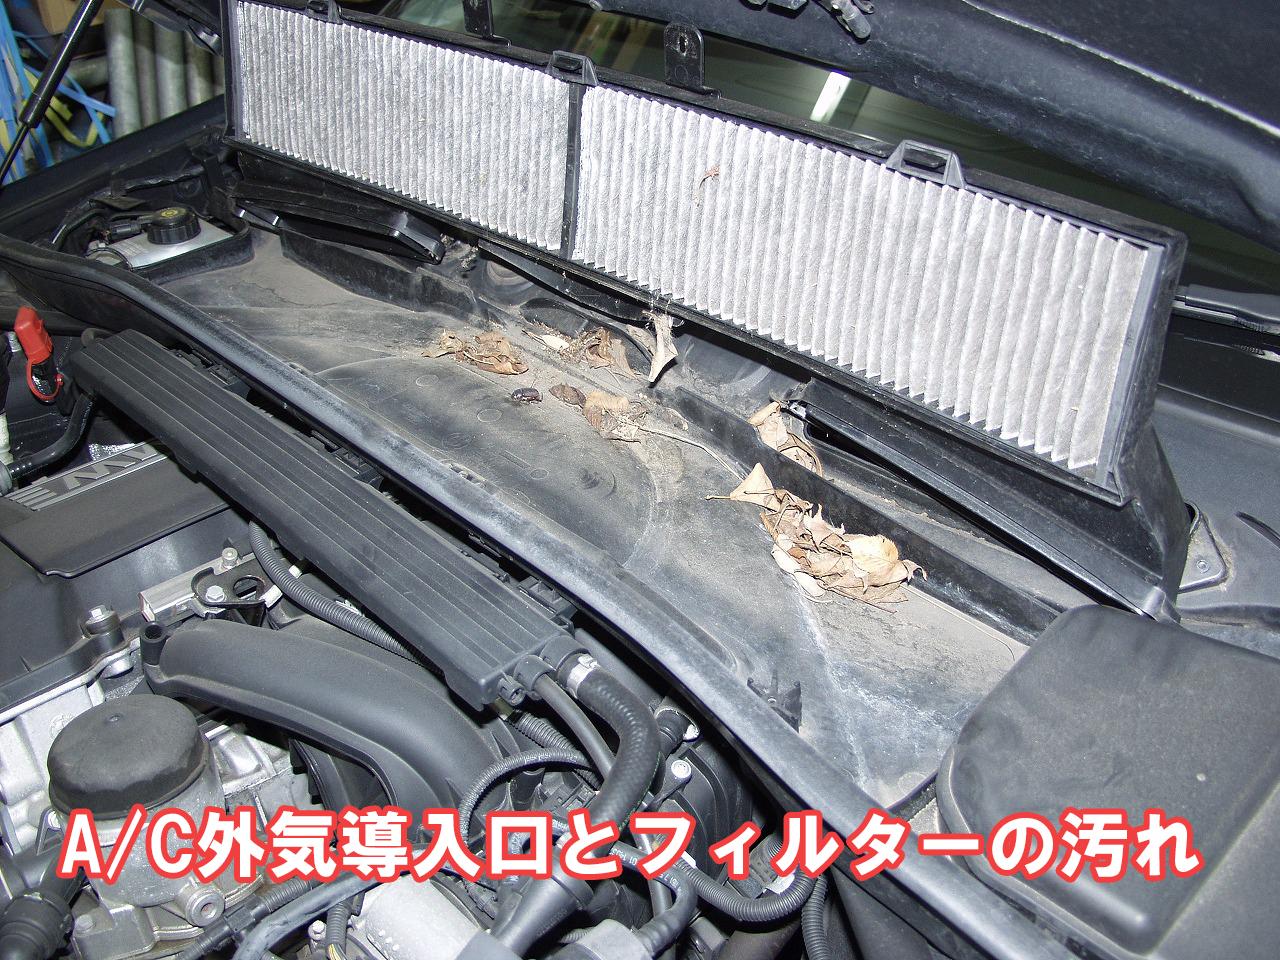 BMW E87 116iのエアコンフィルターが汚れていたので交換しました。